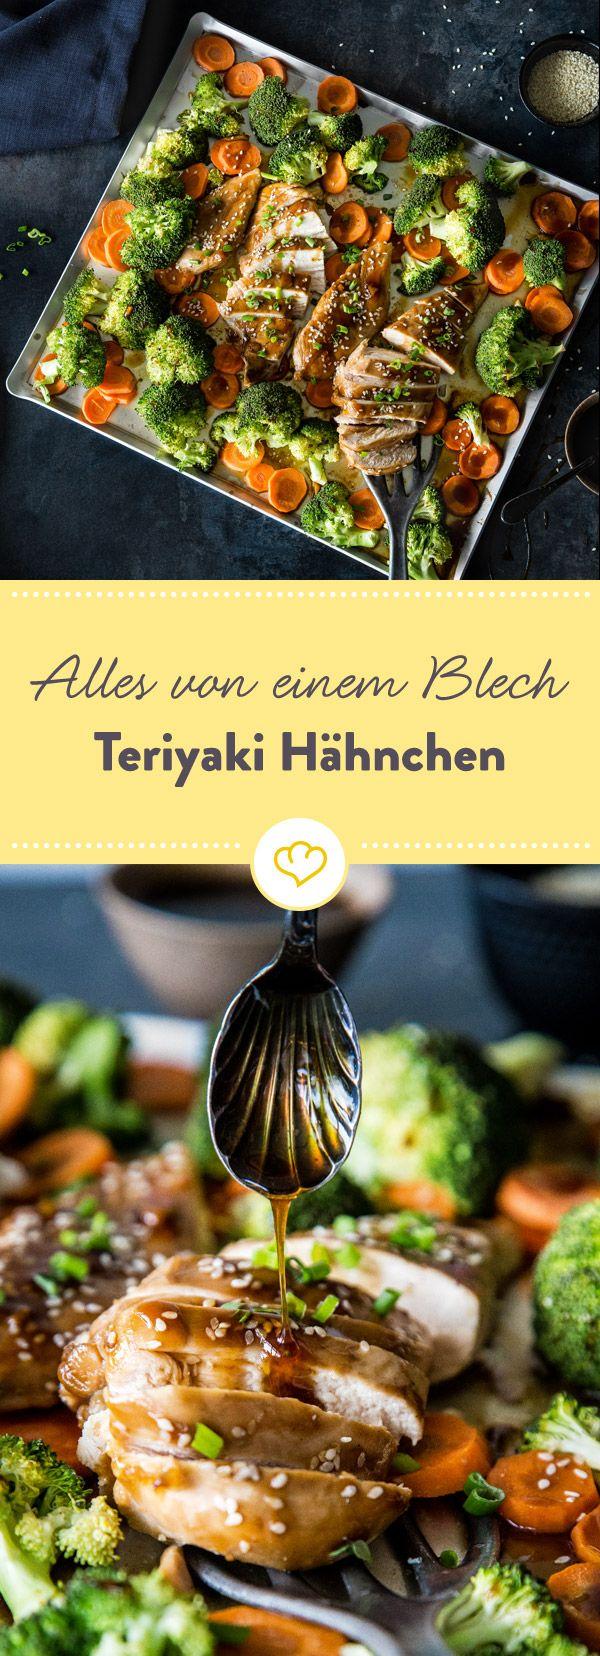 Alles von einem Blech - Teriyaki Hähnchen mit Gemüse